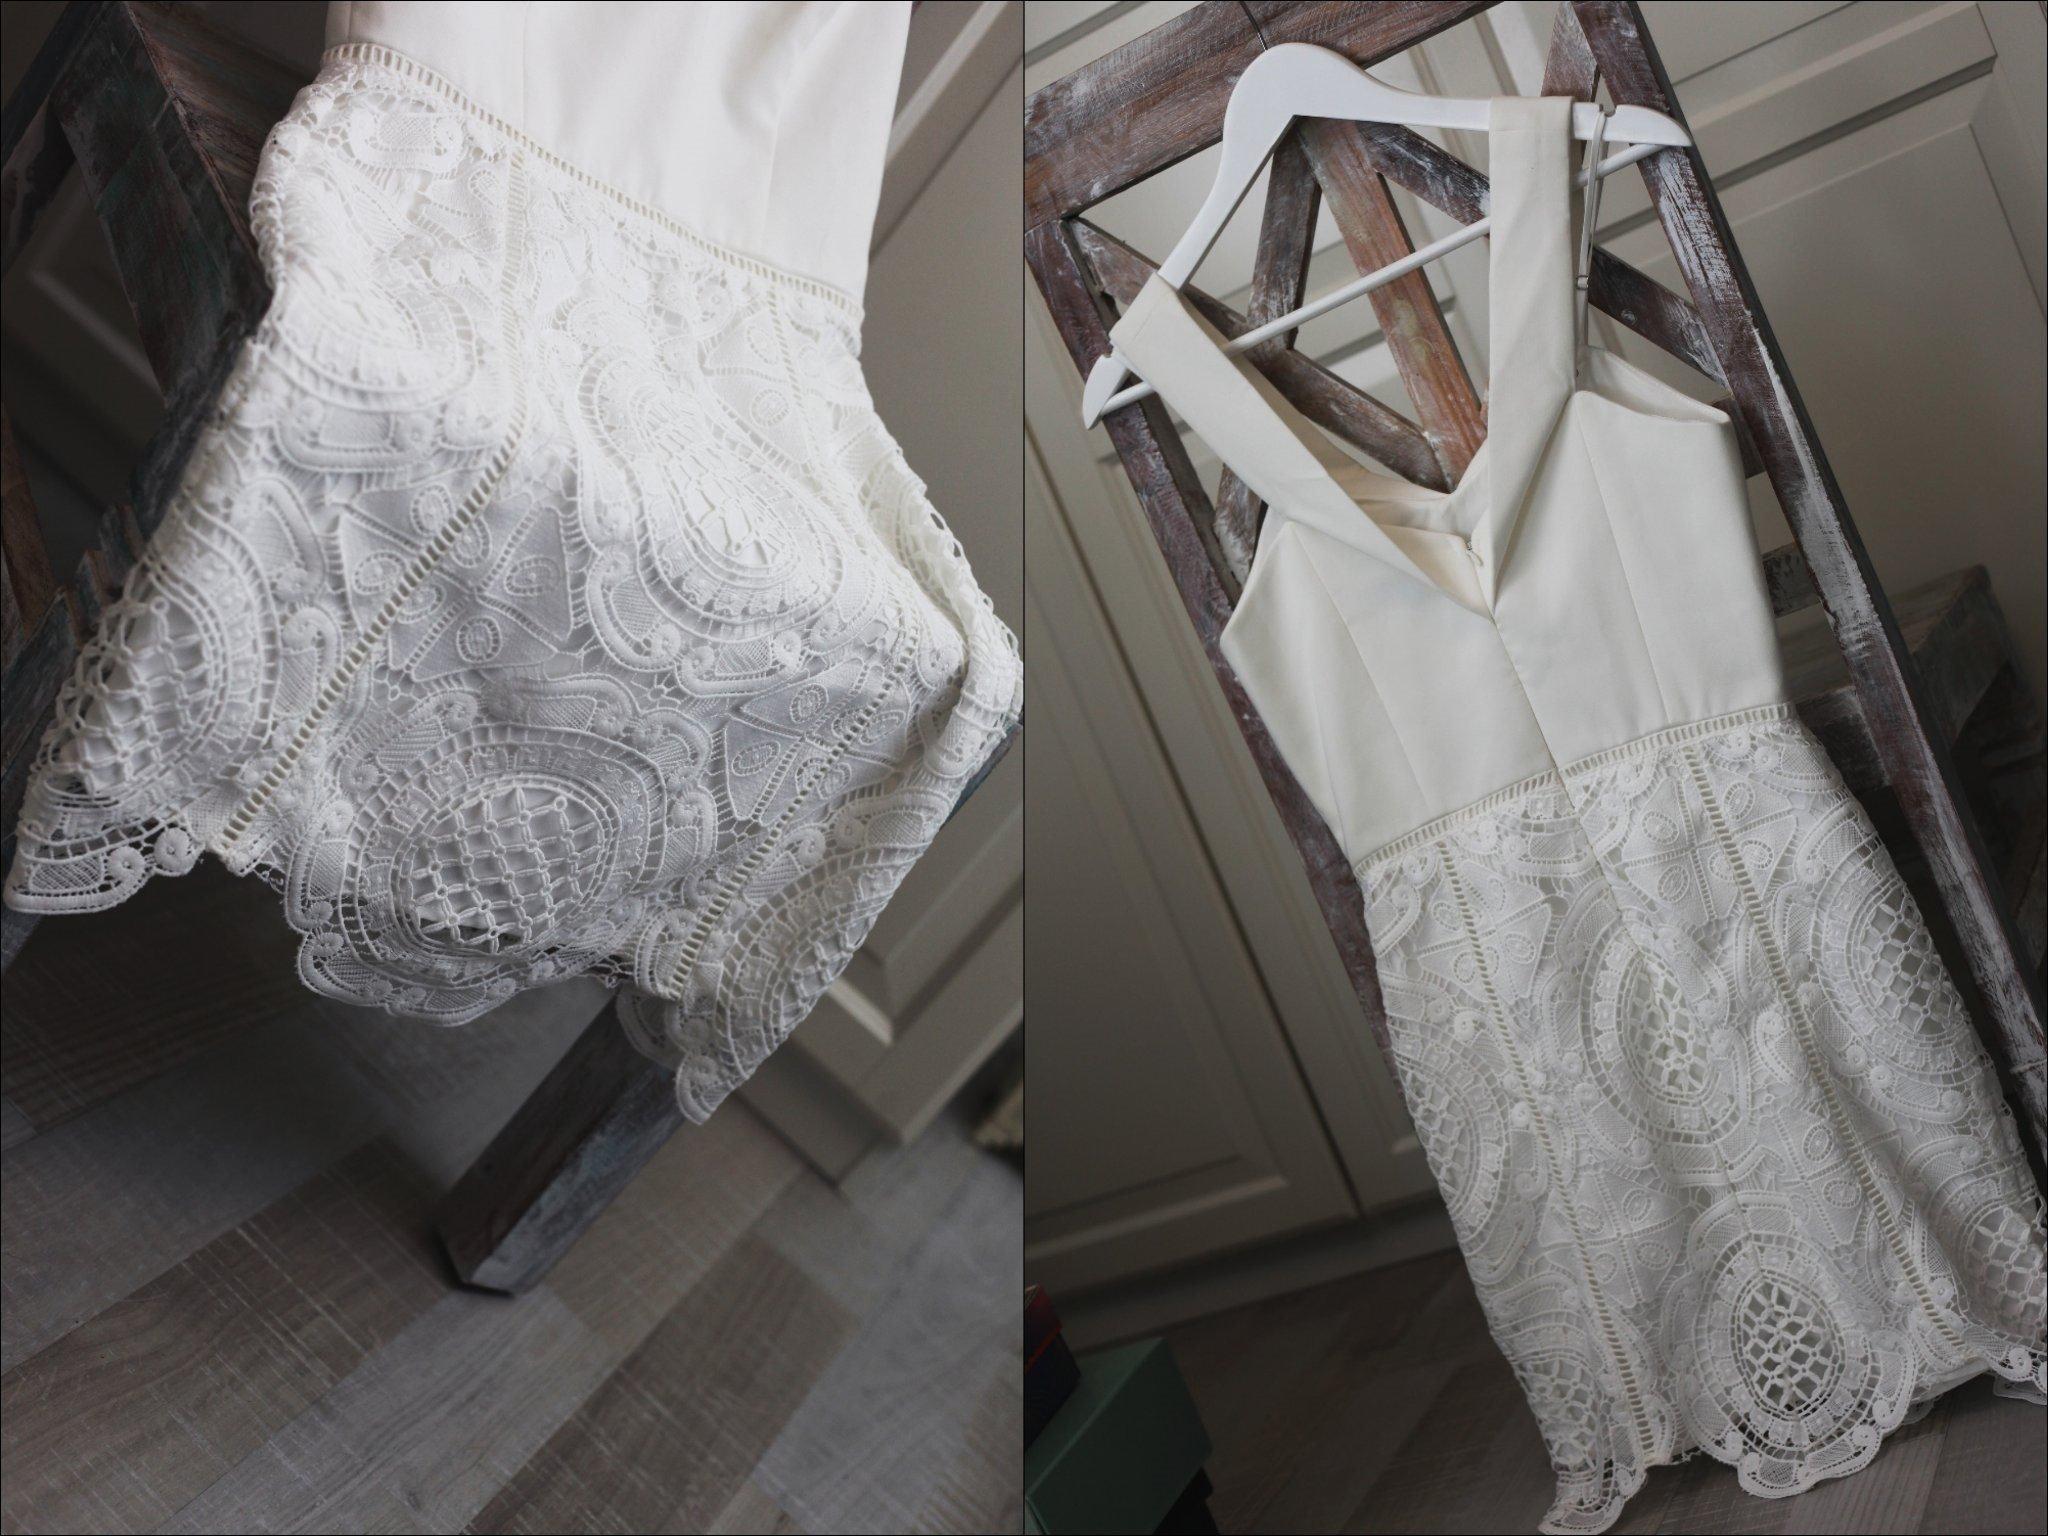 b7931cc9d183 NY jättefin vit virkad klänning från ADELYN RAE sommar vår student